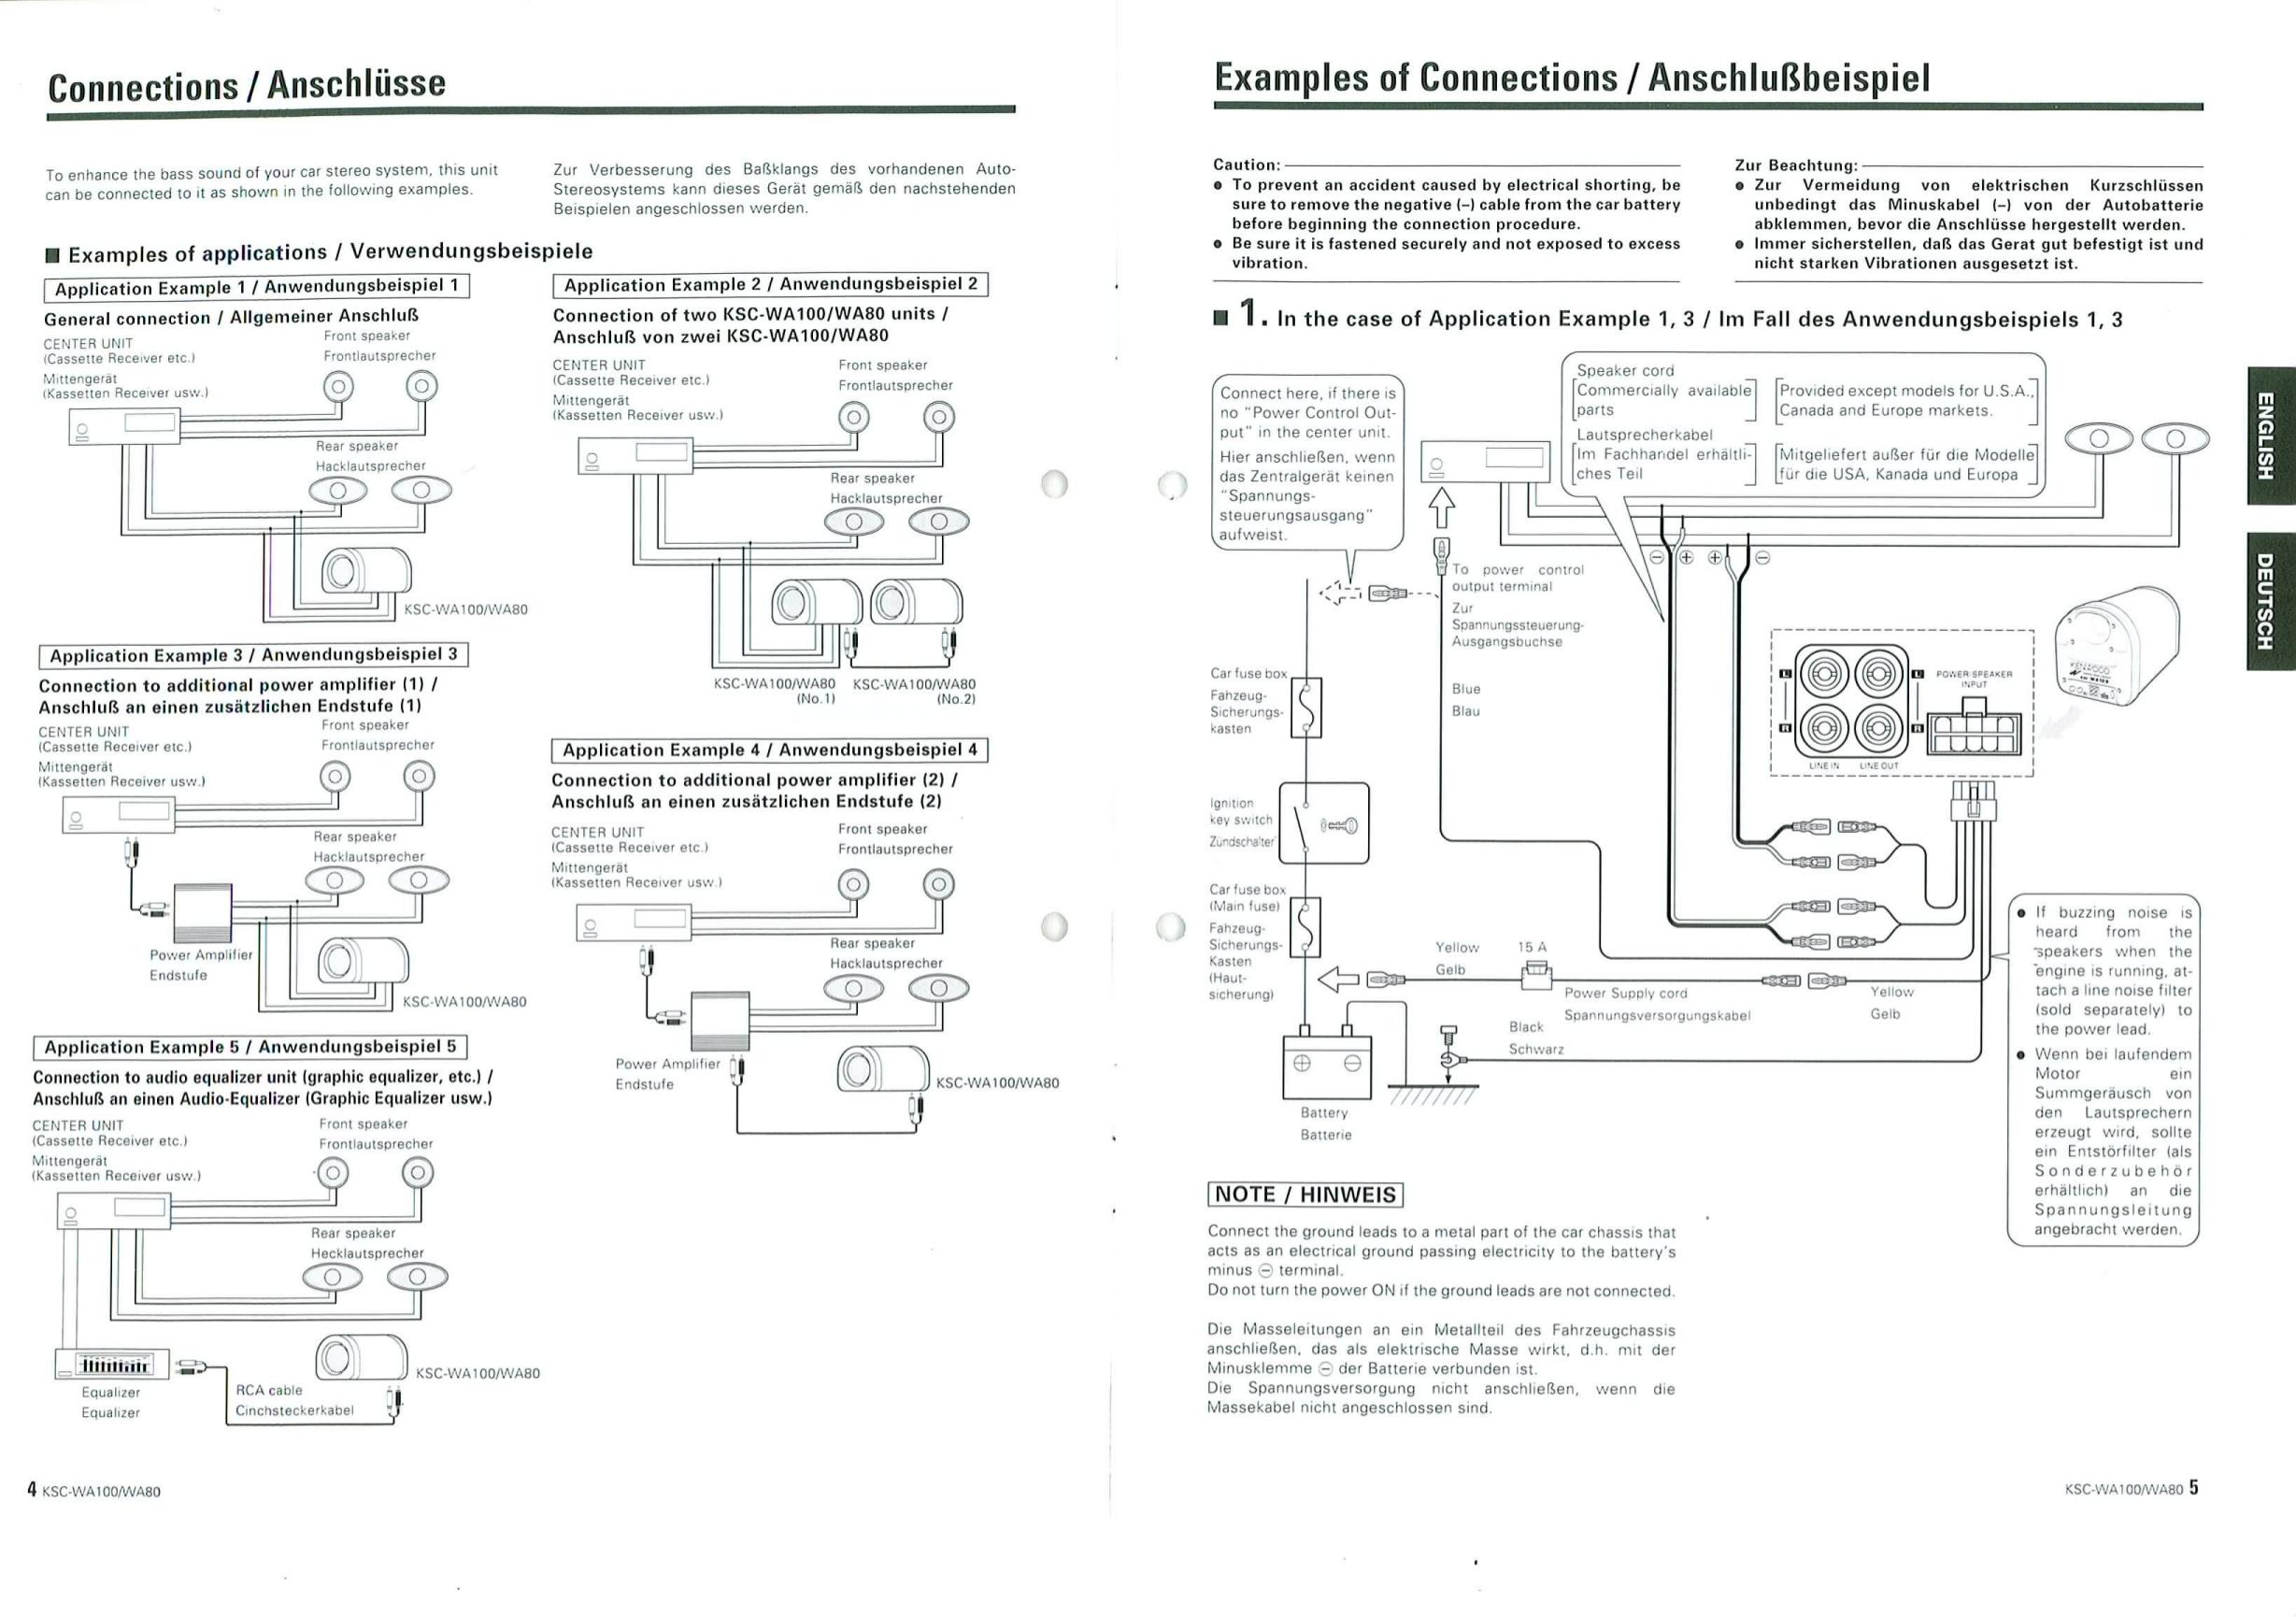 kenwood home subwoofer wiring diagram pdf manual for    kenwood       subwoofer    ksc wa80  pdf manual for    kenwood       subwoofer    ksc wa80